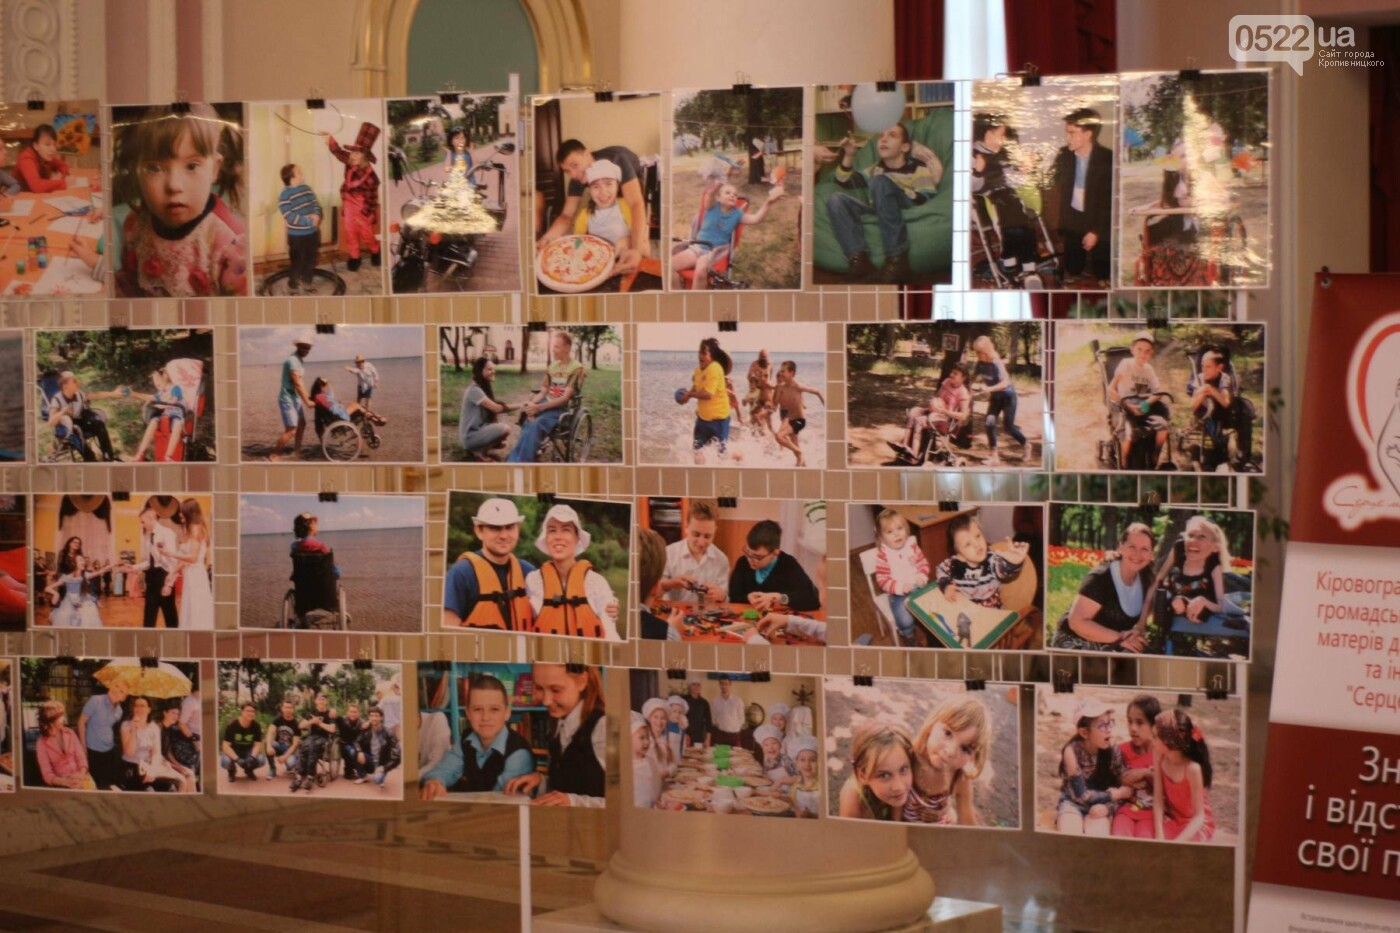 Урочистості до Міжнародного дня людей з інвалідністю відбулися у Кропивницькому, фото-38